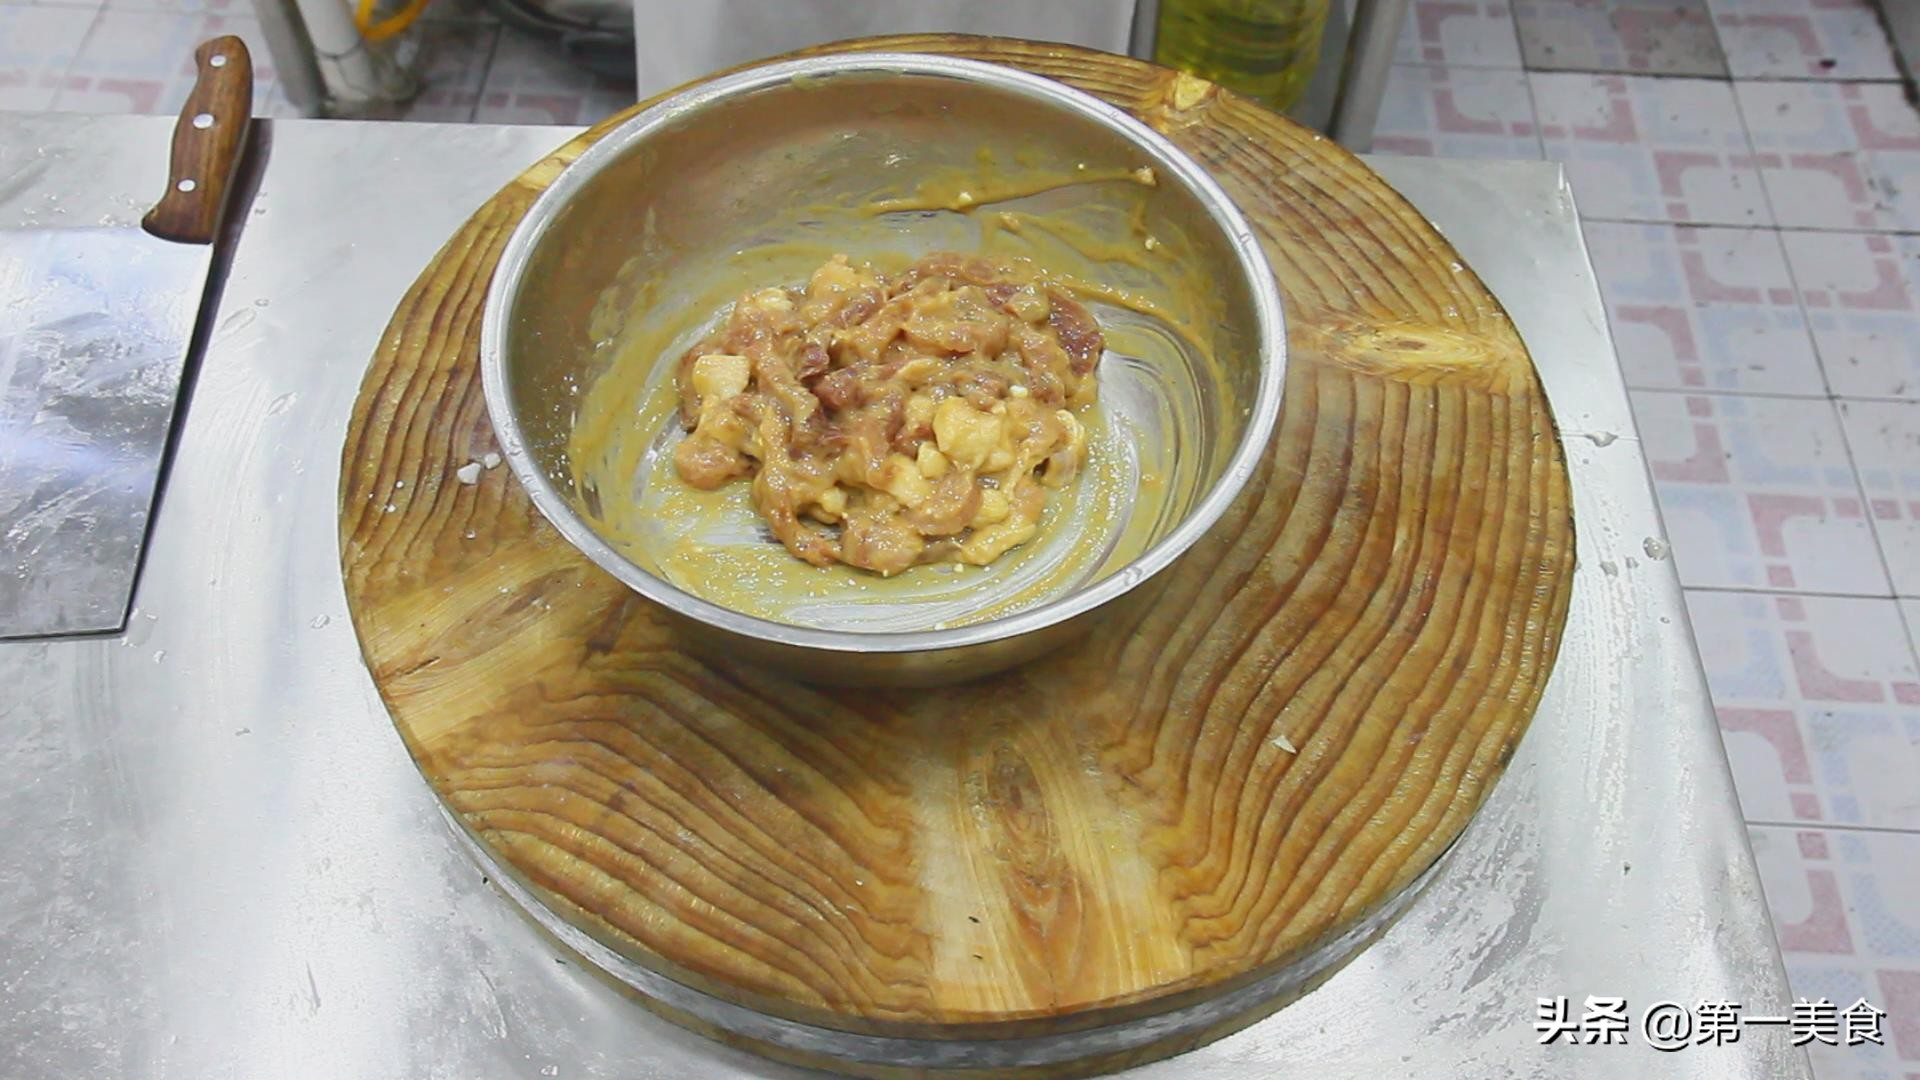 厨师长教你这样做,极品酥肉,外焦里嫩,油而不腻,吃完忘不掉 美食做法 第3张